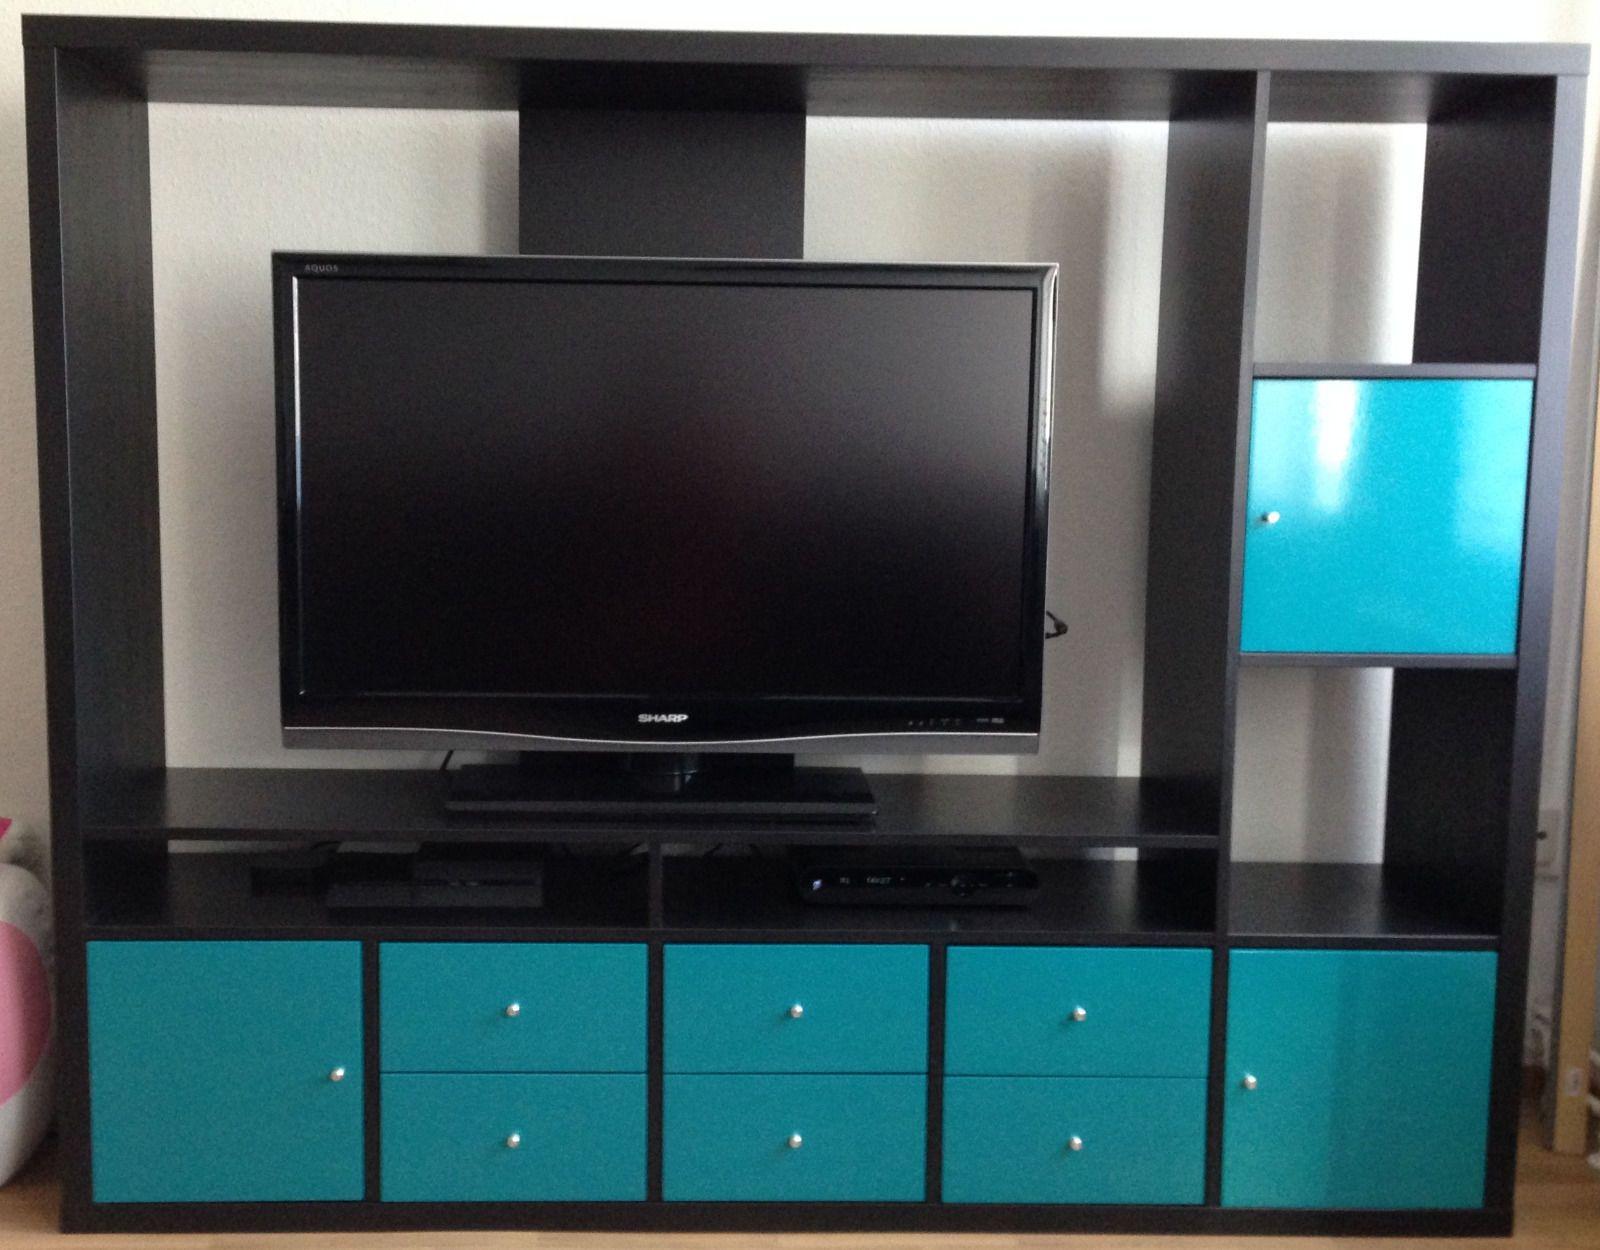 Tv Wandpaneel Ikea cinewall xl tv wandpaneel tv besser zuhause bleiben kabel verstecken seite